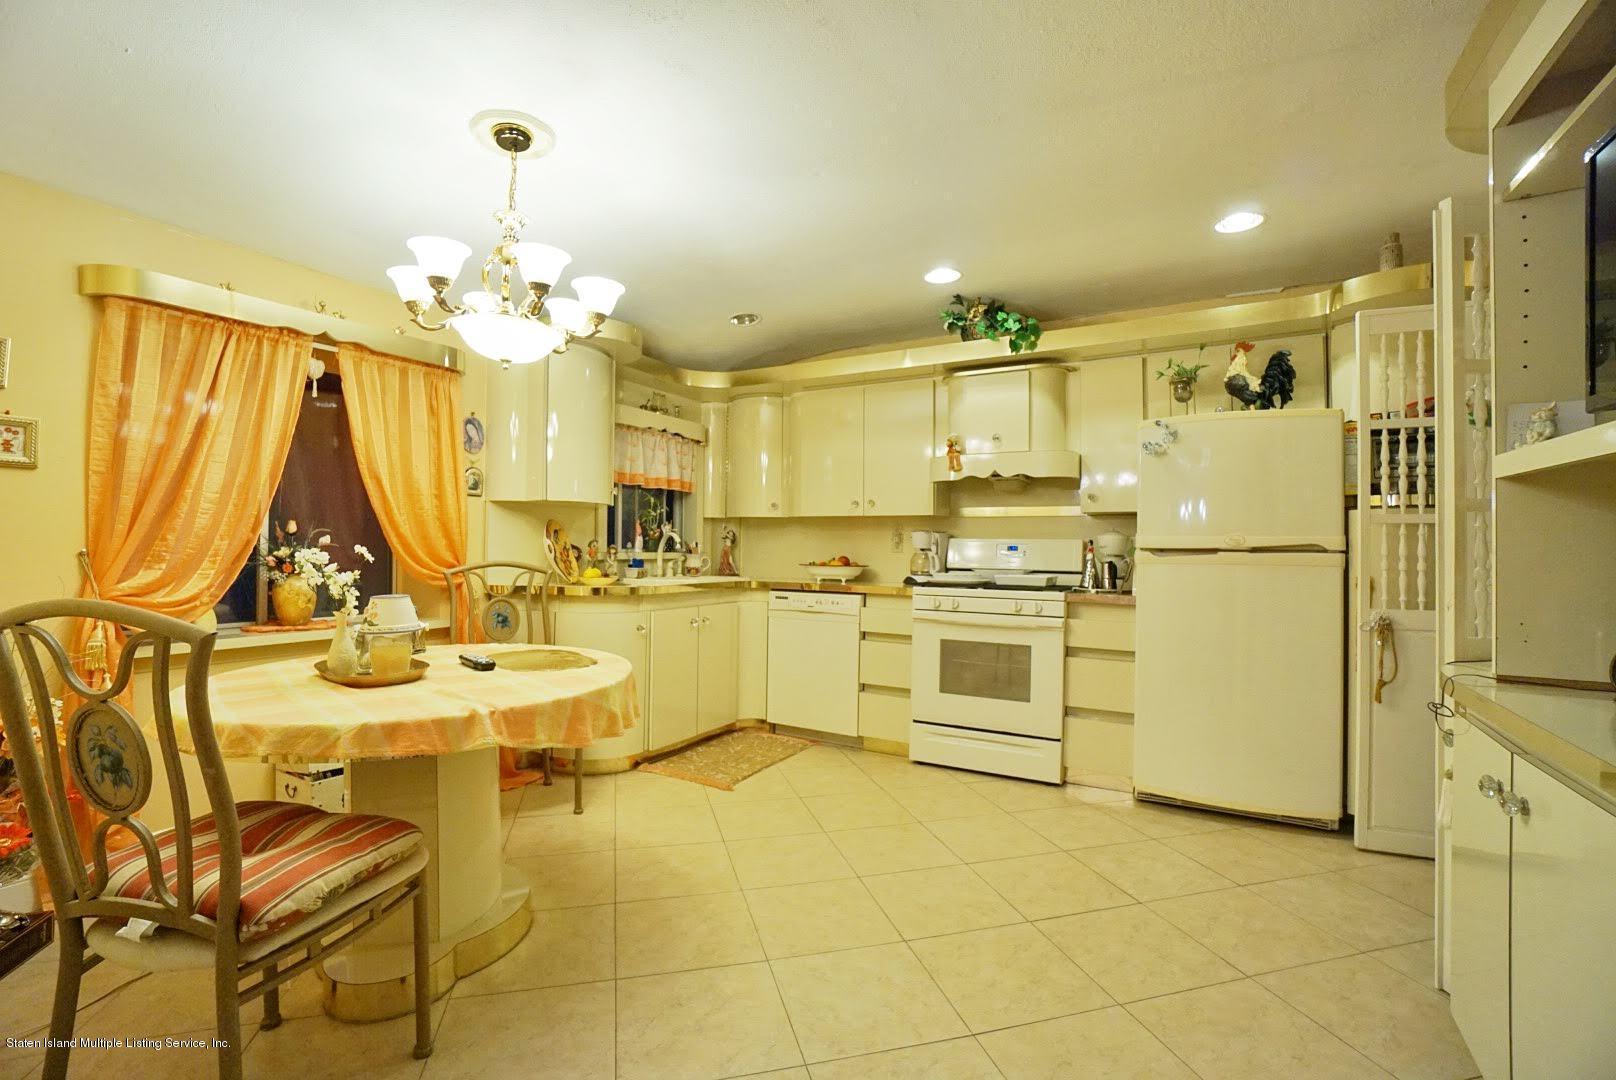 Single Family - Detached 81 Ramapo Avenue  Staten Island, NY 10309, MLS-1132028-15